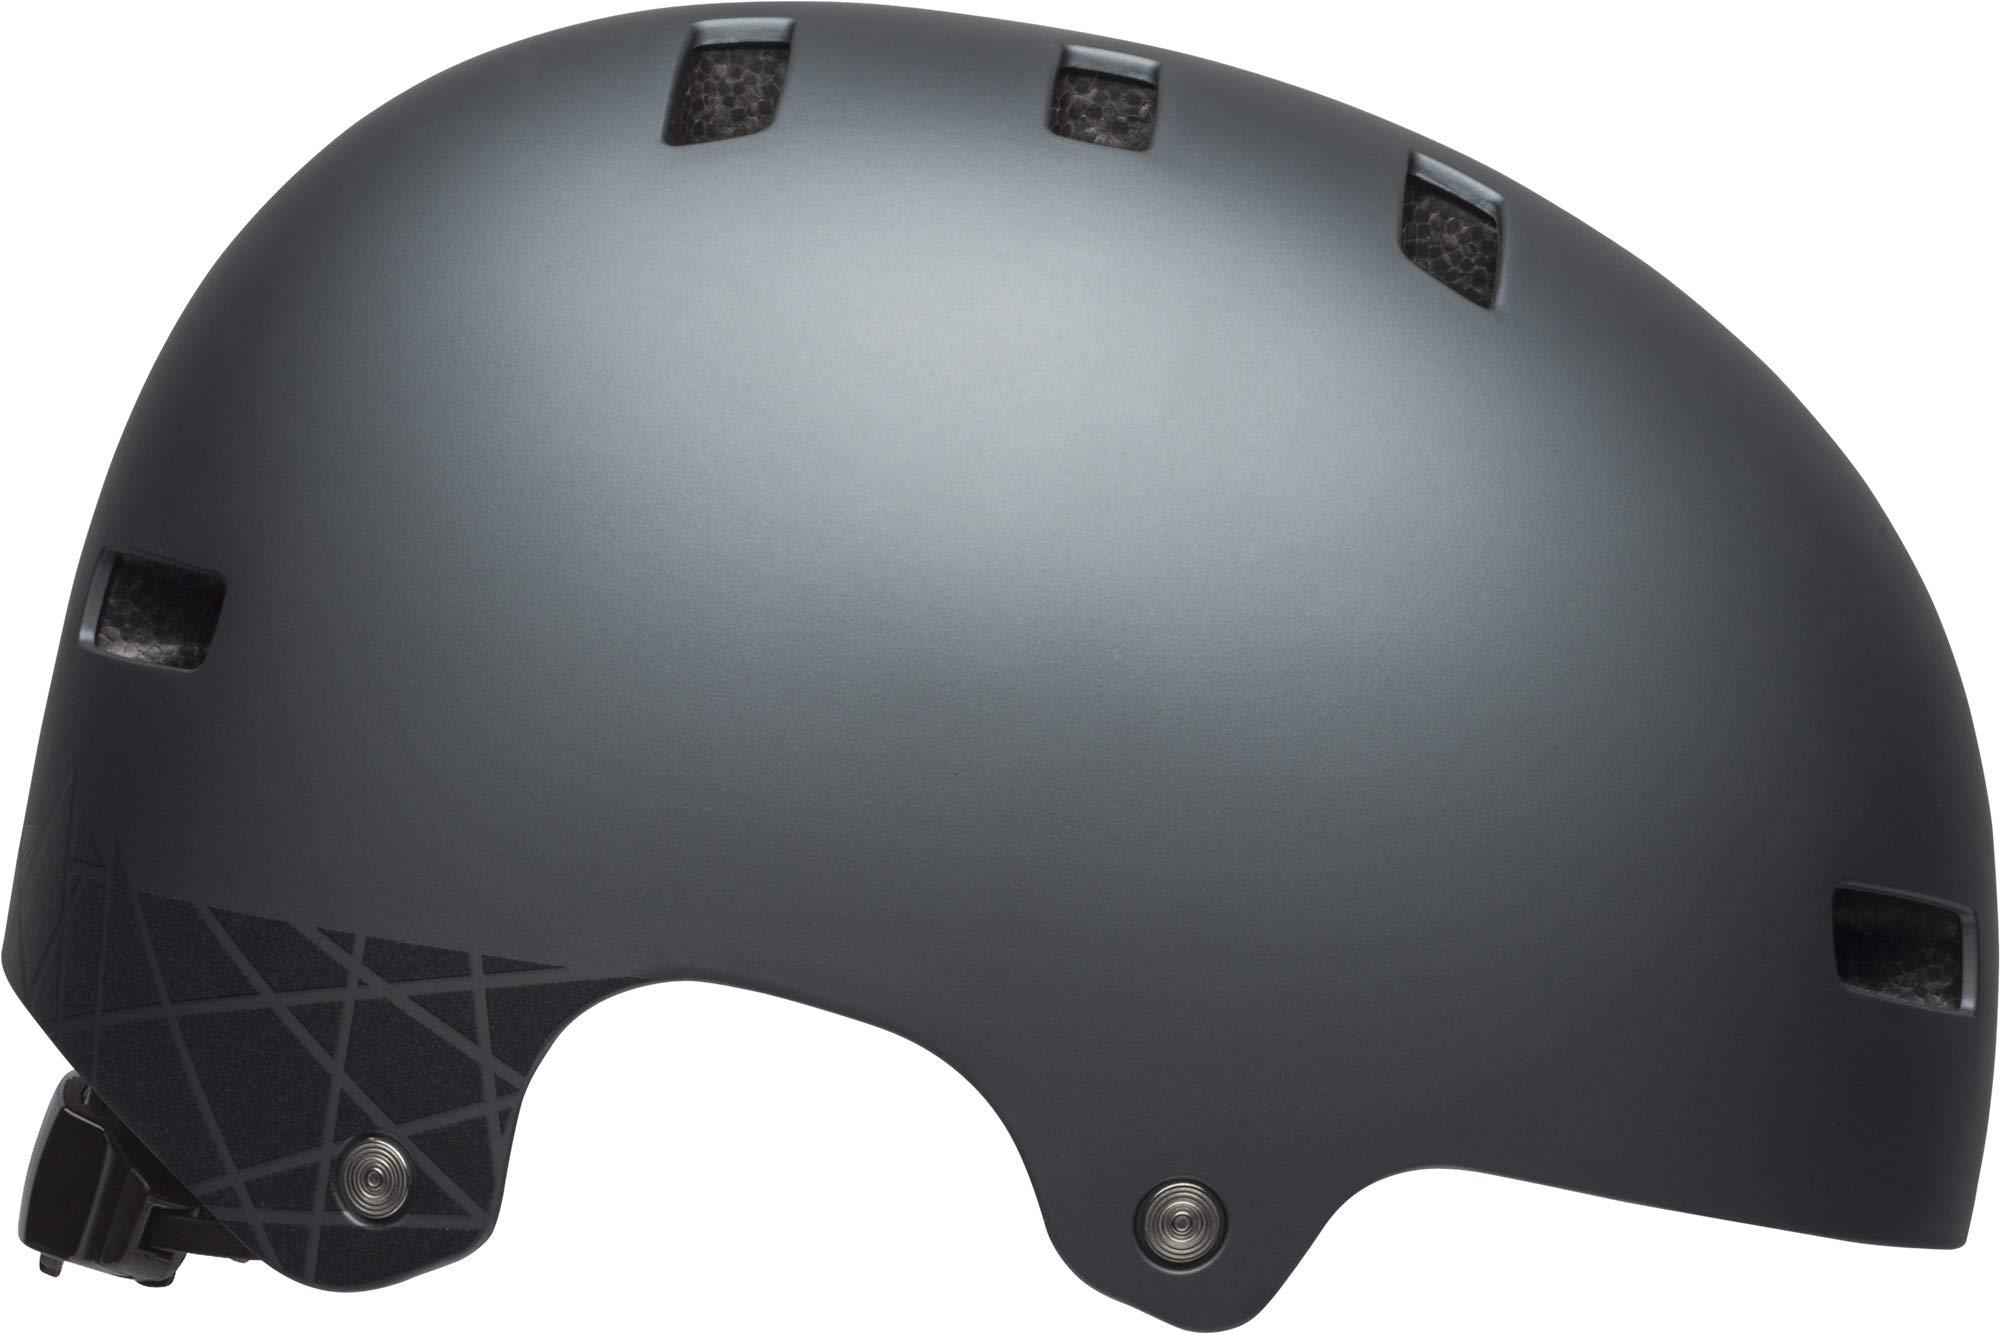 Bell Local Adult BMX & Skate Helmet (Covert Matte Titanium/Black Reflective (2019), Small)